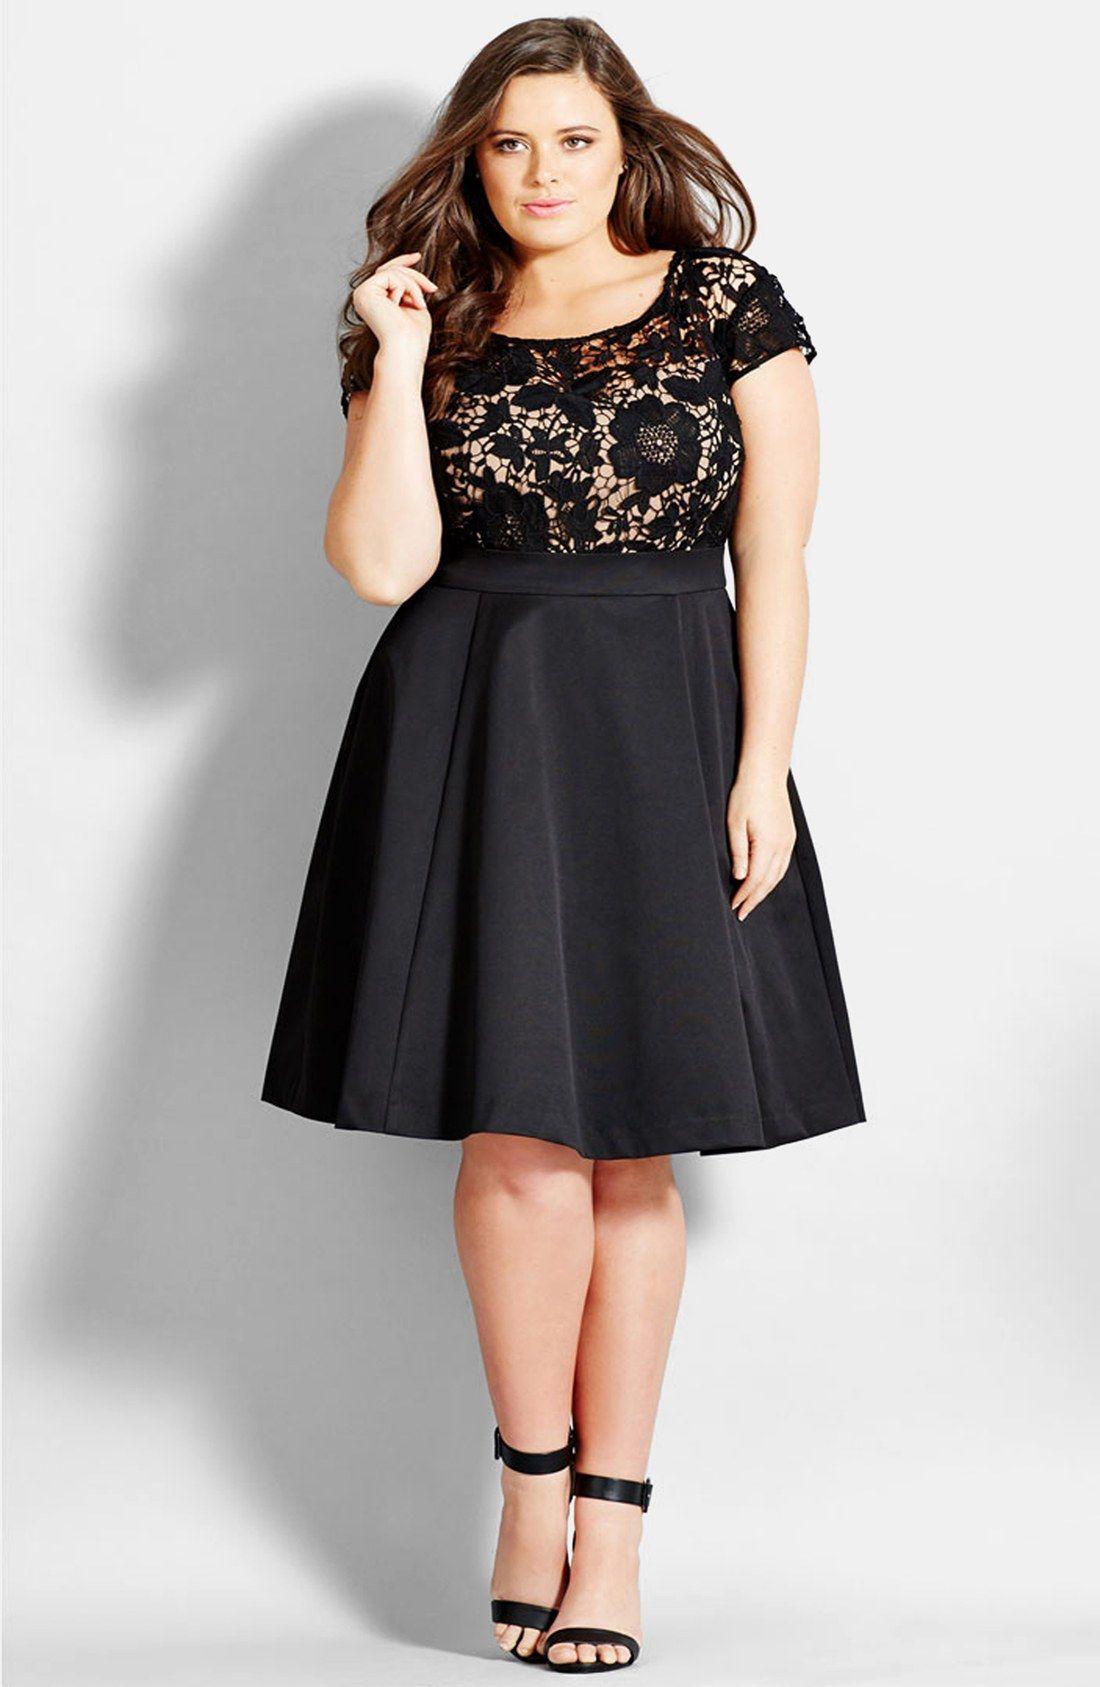 Plus Size Women\'s City Chic \'Romantic Lace\' Fit & Flare Dress ...